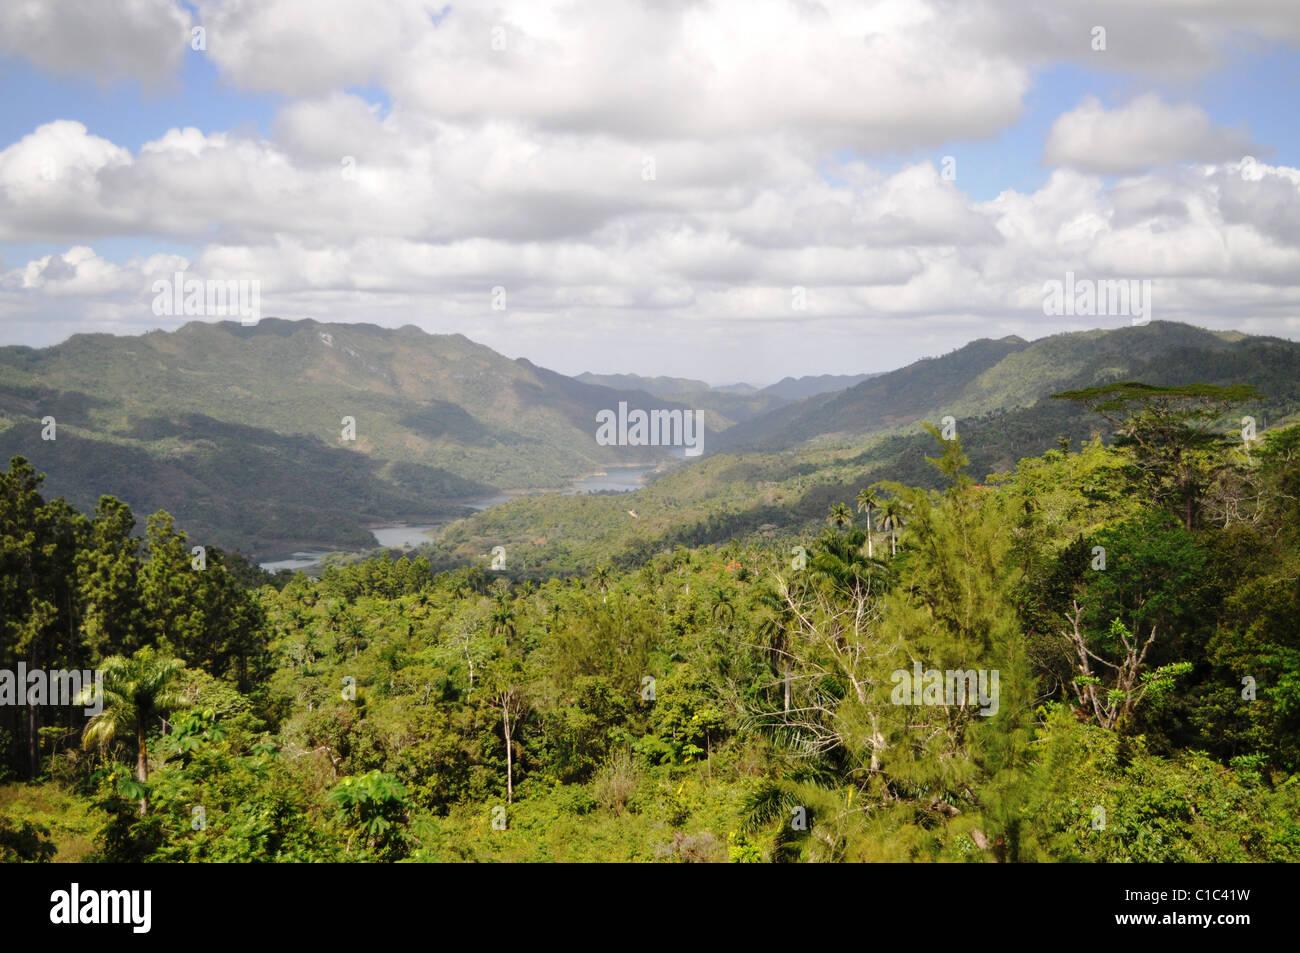 Sierra del Escambray, Trinidad, Cuba - Stock Image